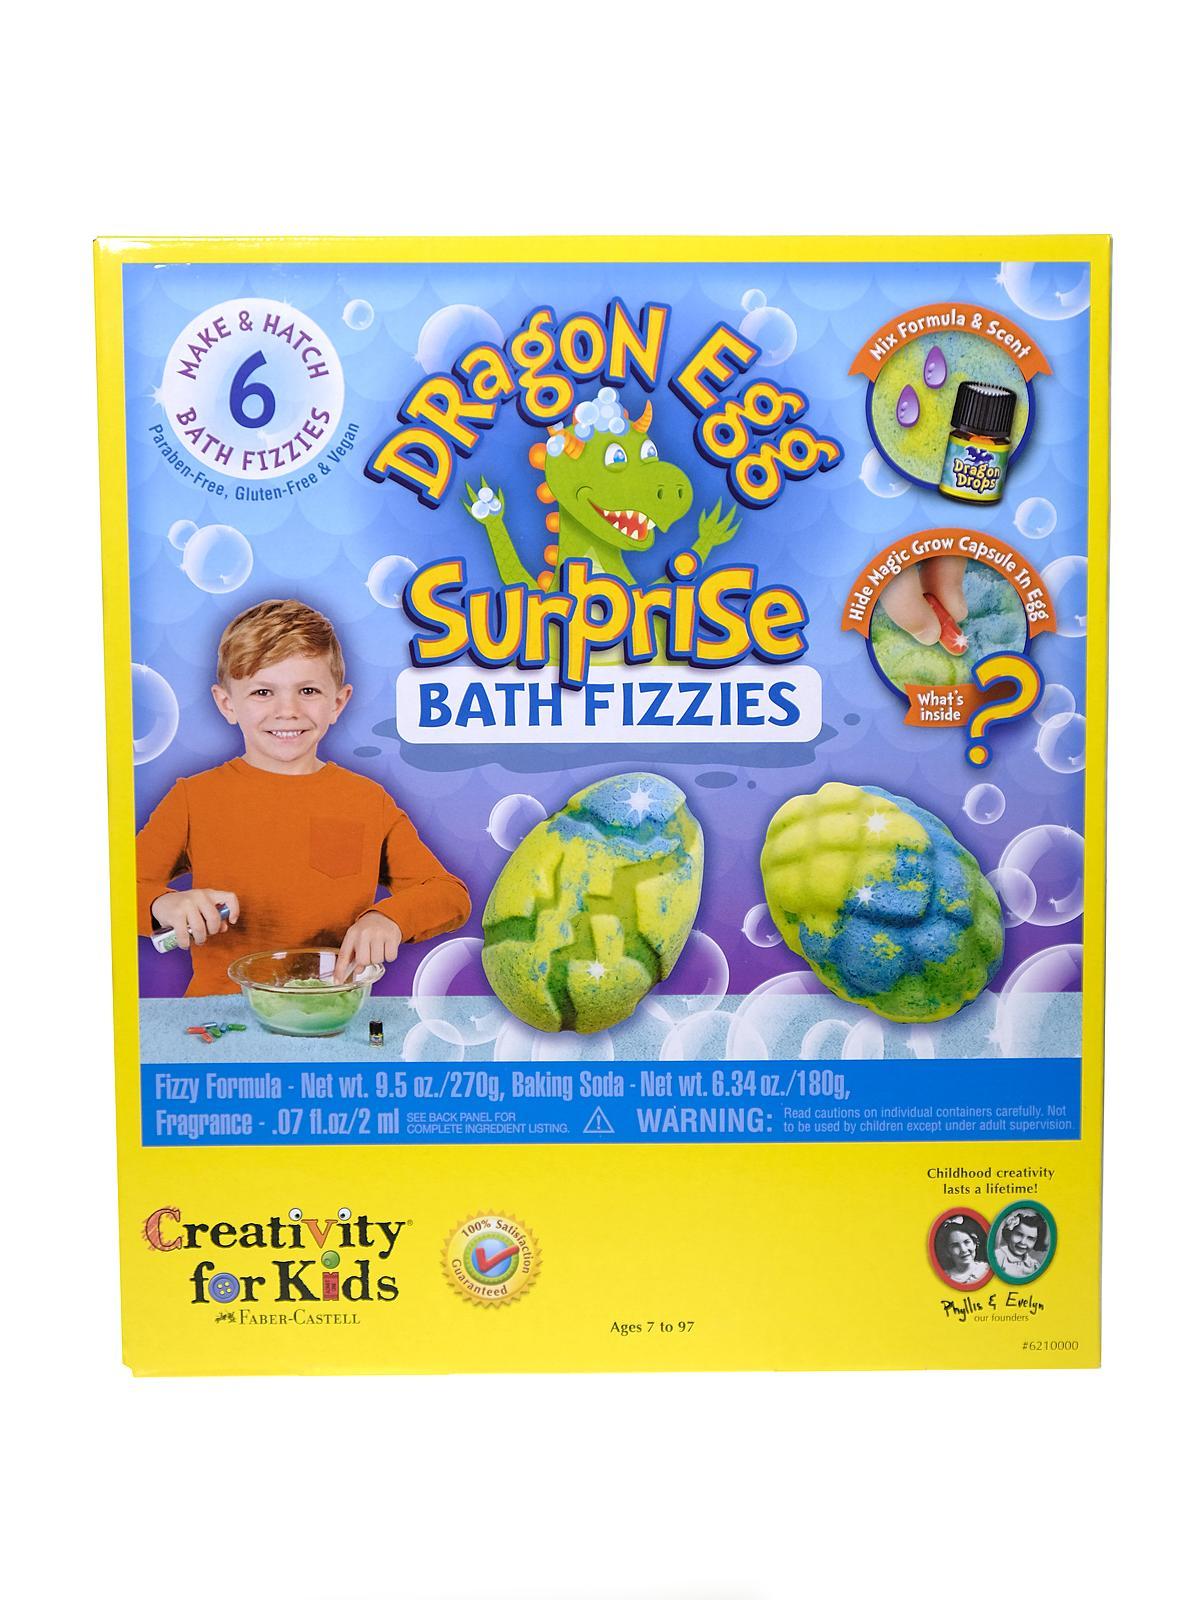 Creativity For Kids - Dragon Egg Surprise Bath Fizzies